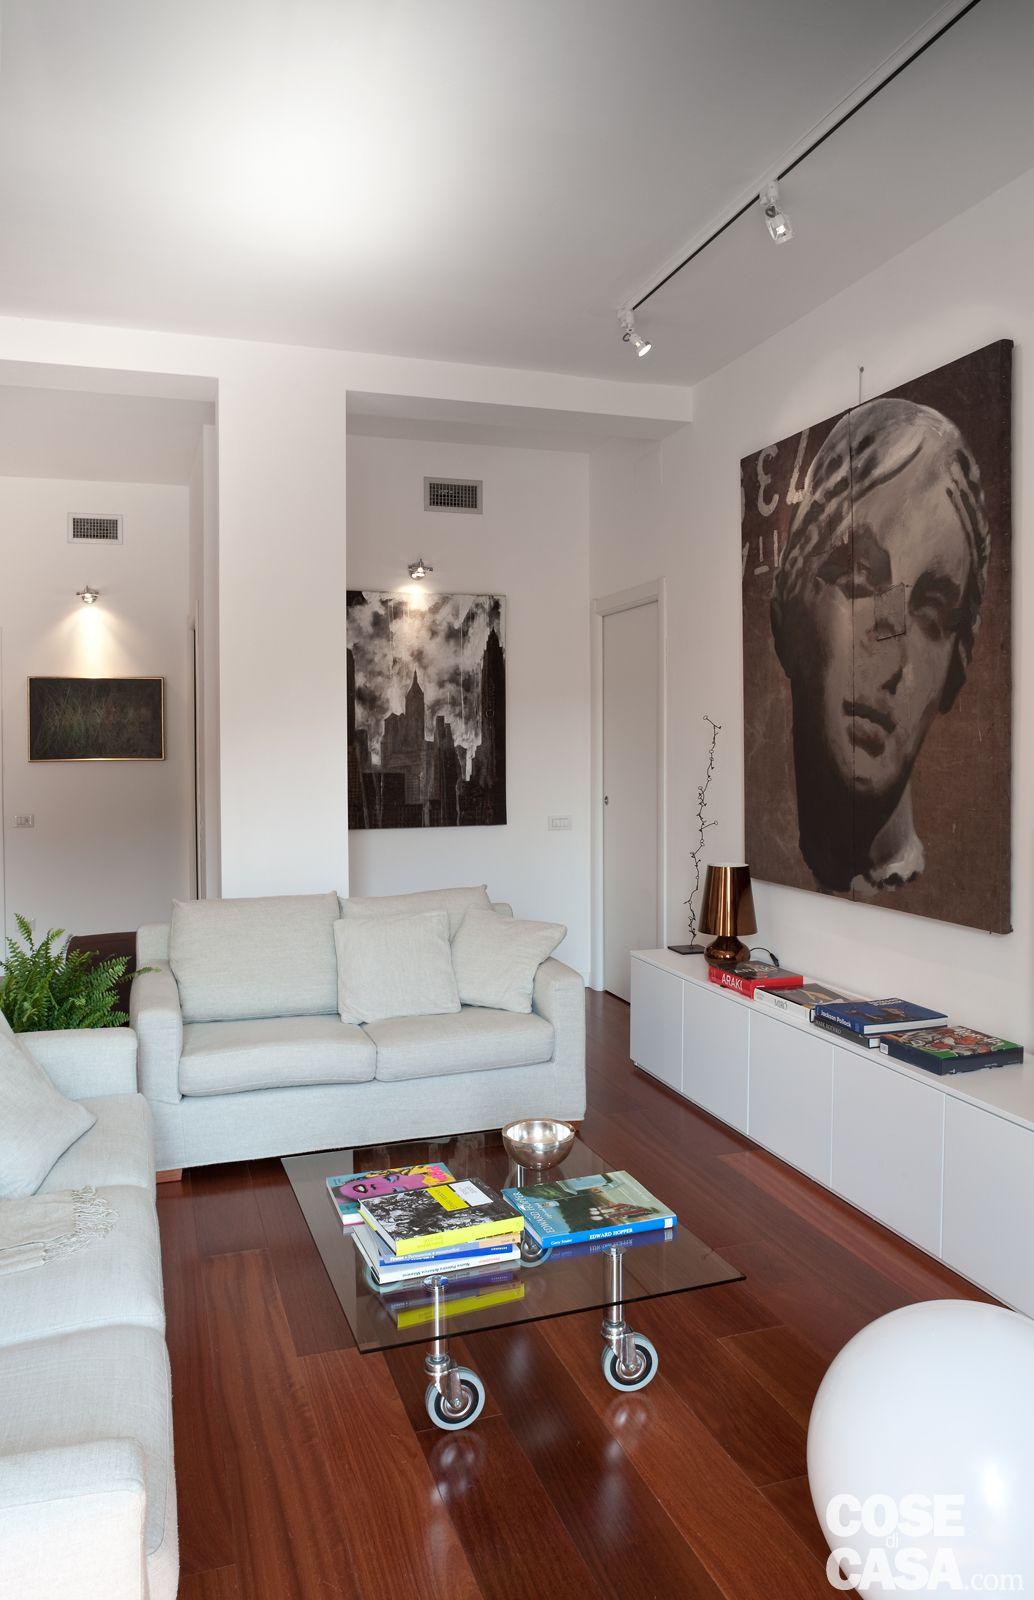 Stunning Disposizione Divani Soggiorno Gallery - Design and Ideas ...